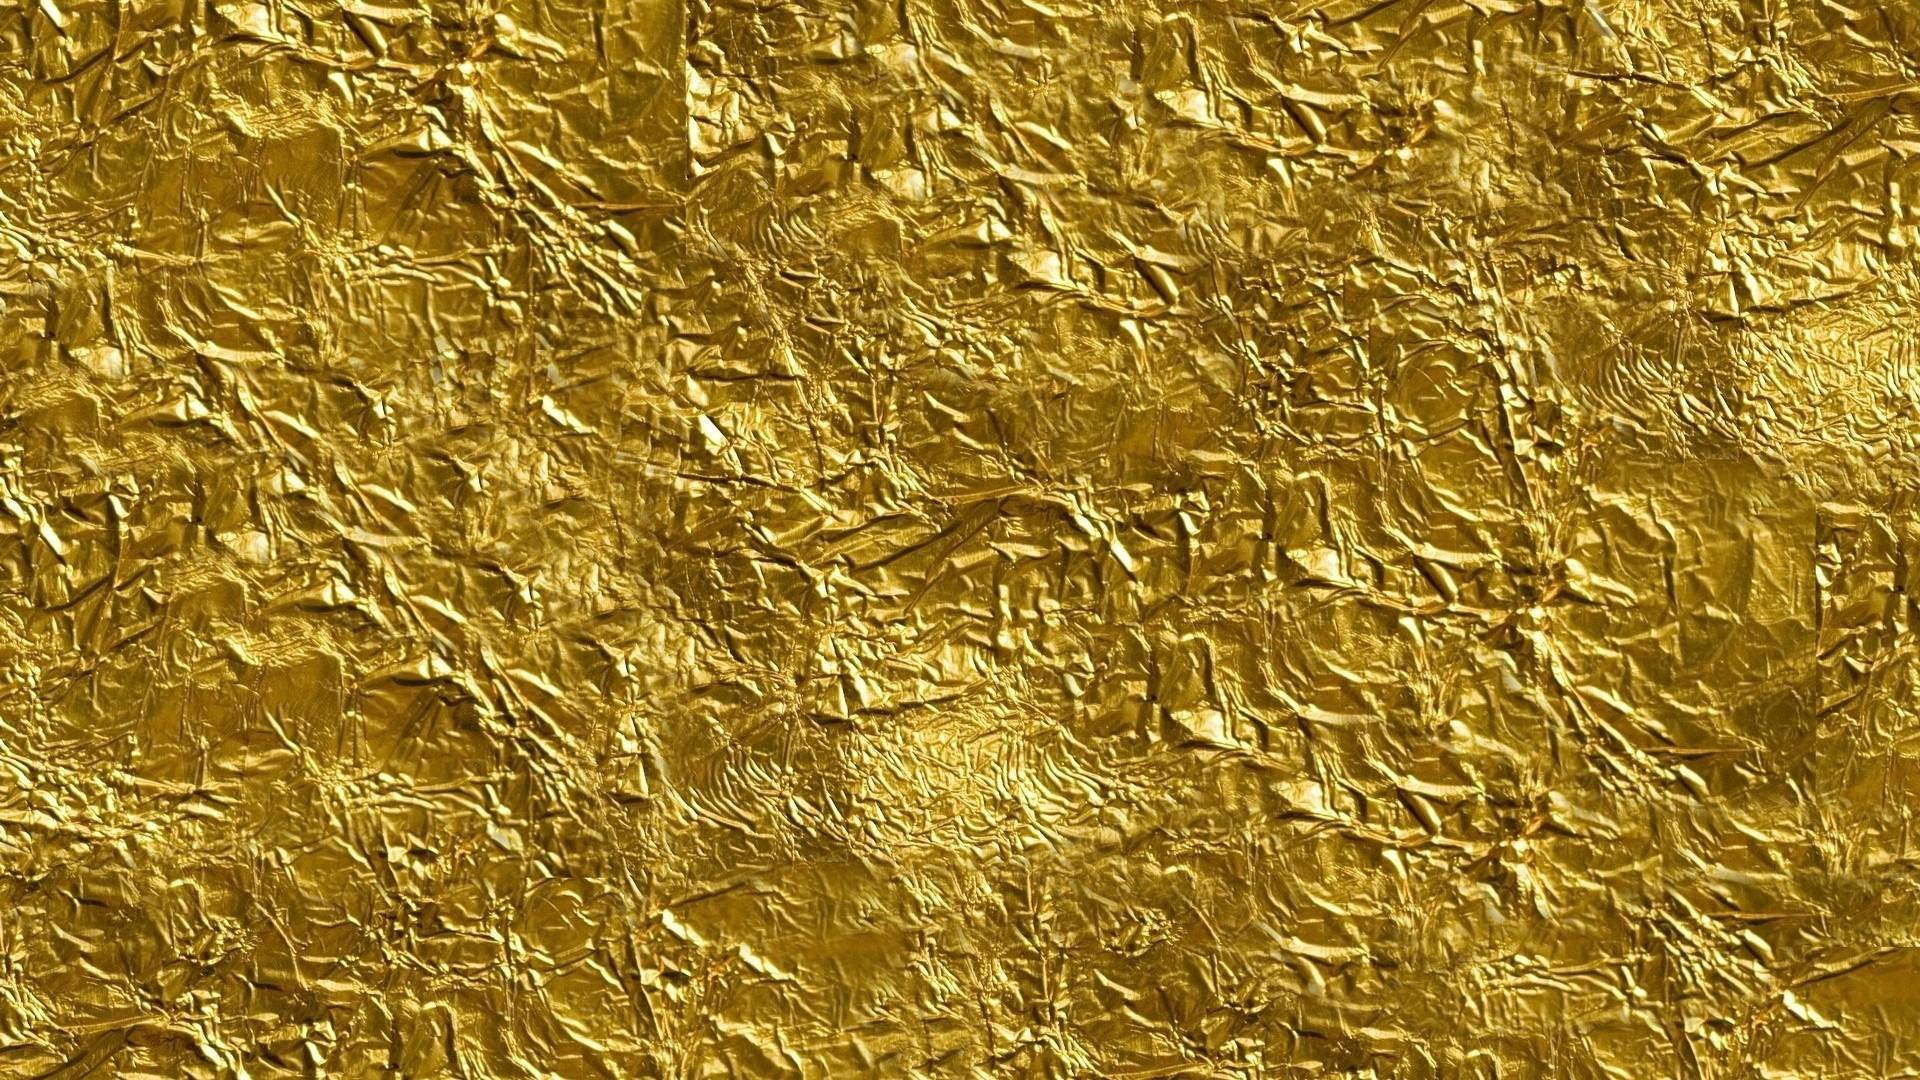 Gold Texture – wallpaper.